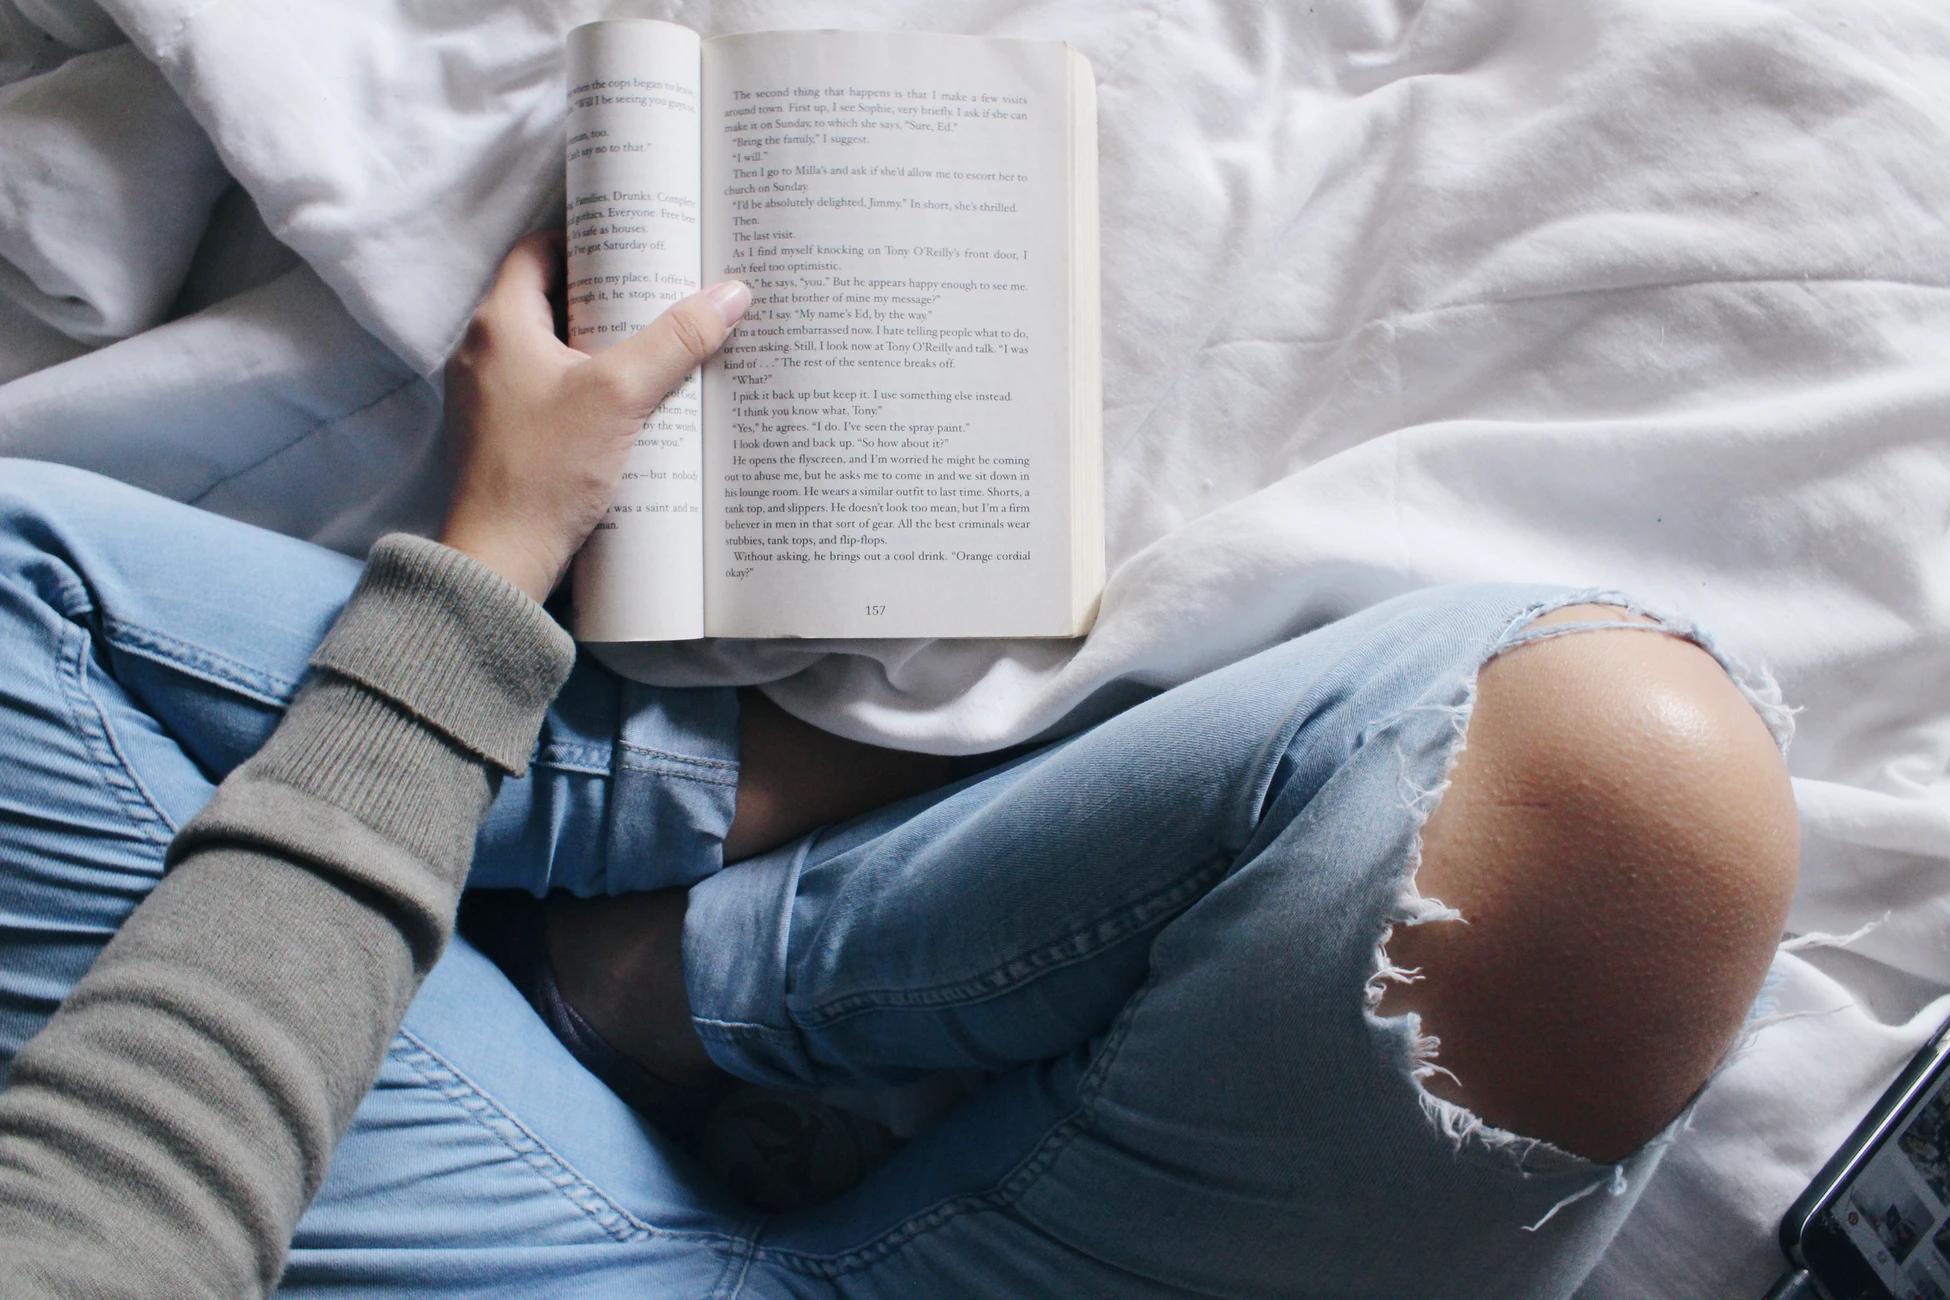 阅读高于自己的作品,远离精神毒品